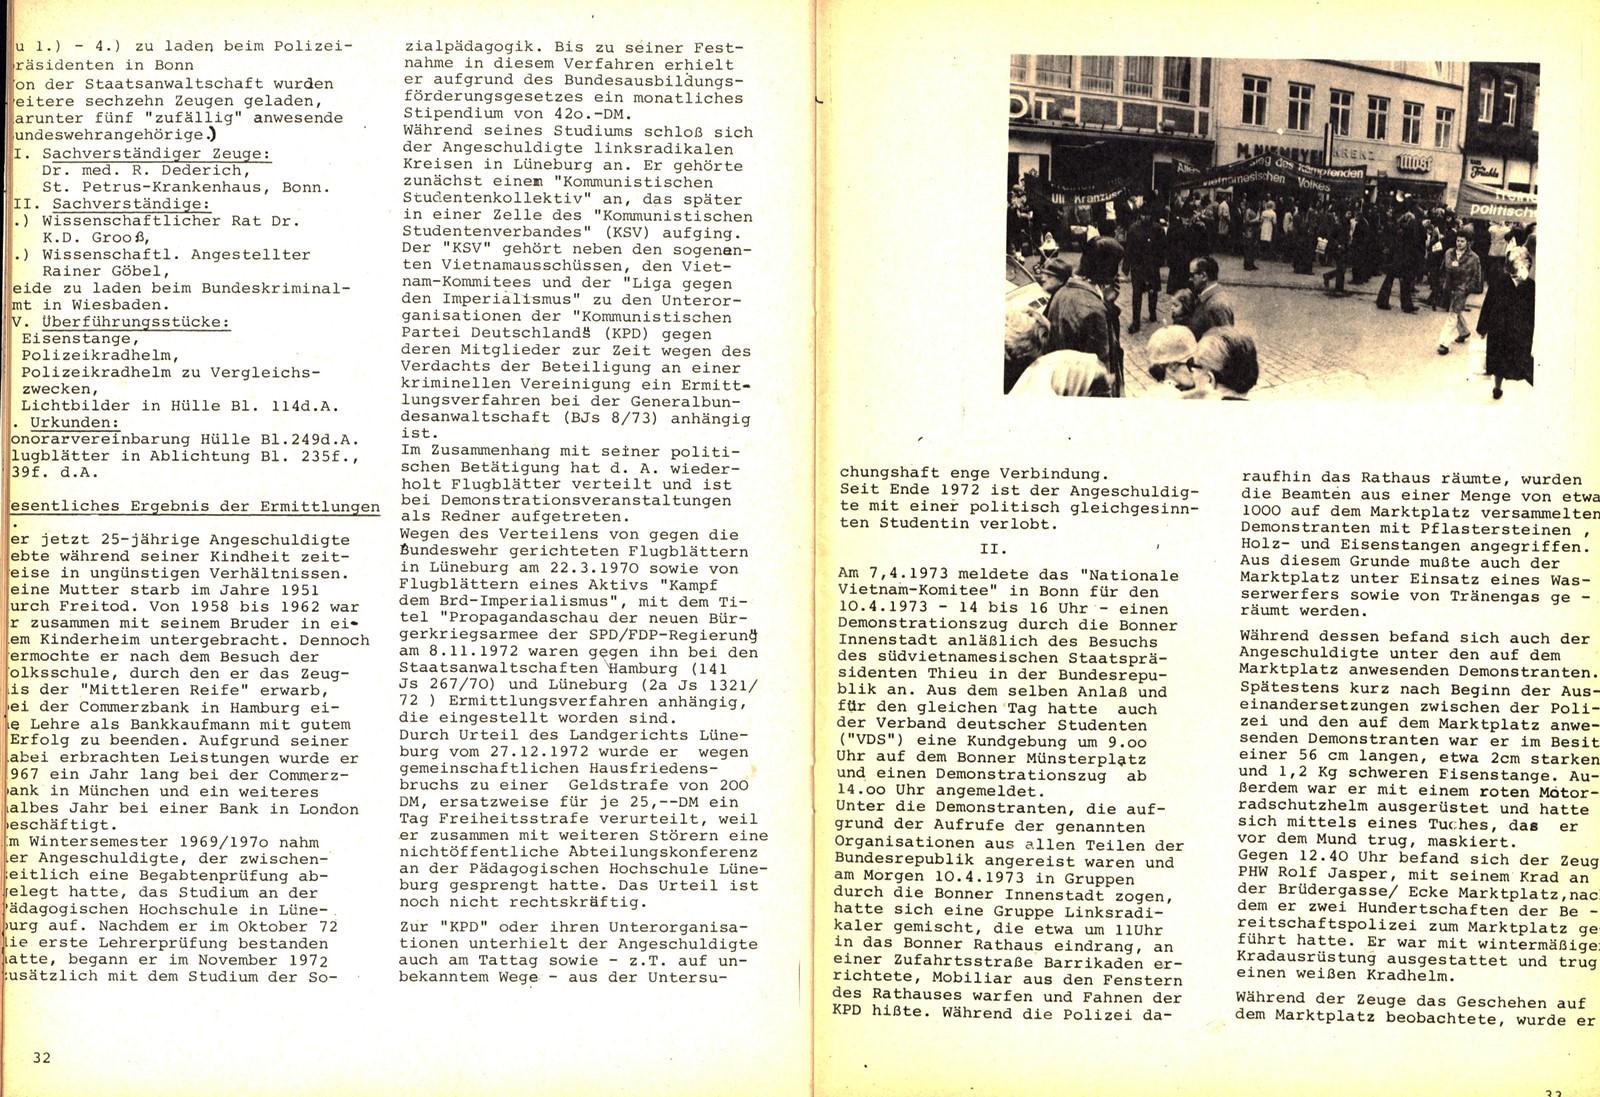 Komitee_Haende_weg_von_der_KPD_1973_Freiheit_fuer_Uli_Kranzusch_18